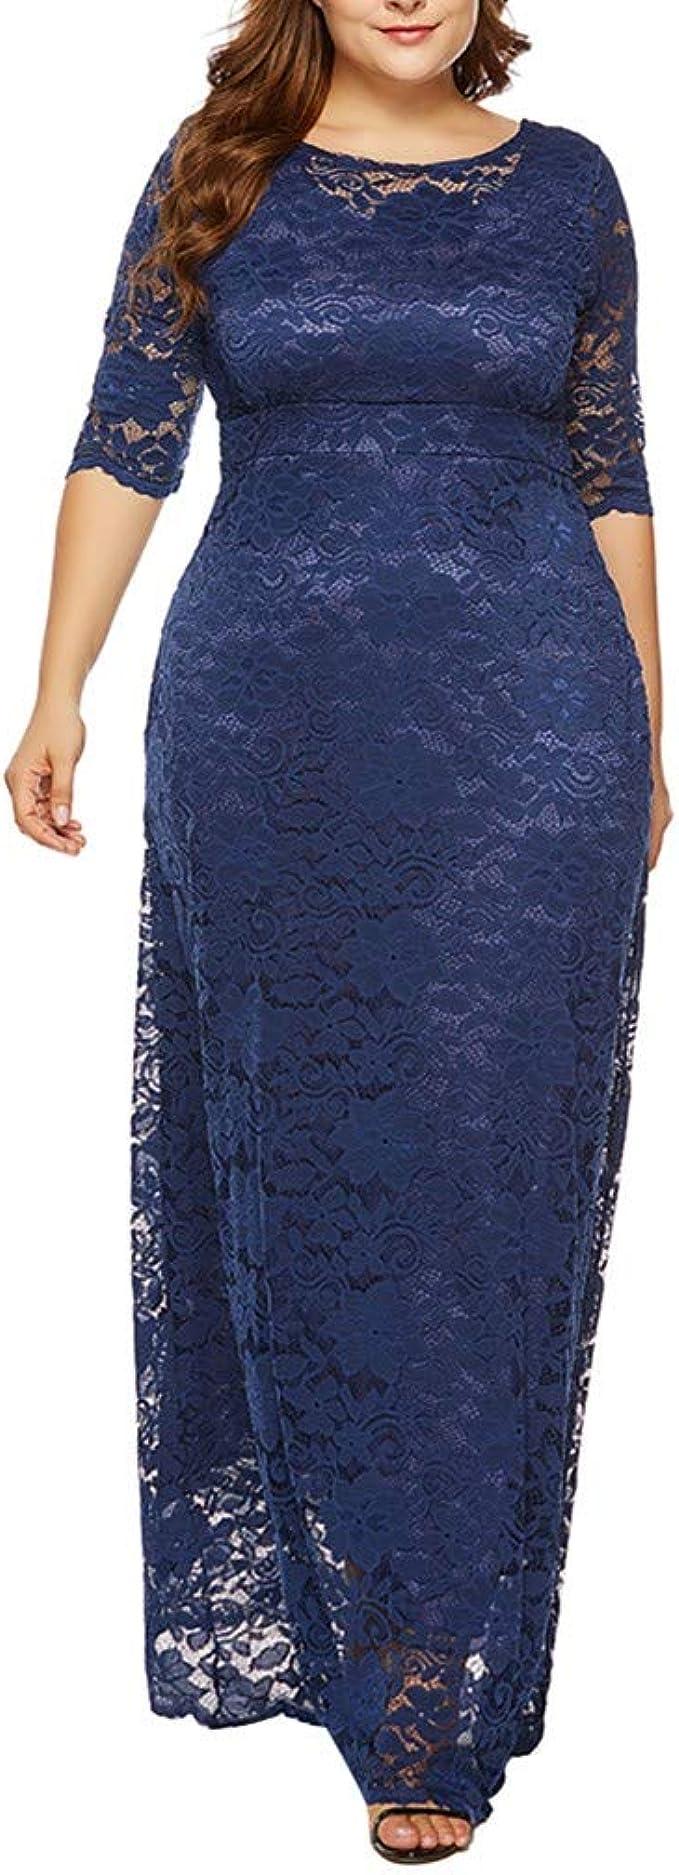 Damen Elegant Spitzenkleid Übergröße,Damen Vintage 8er Swing